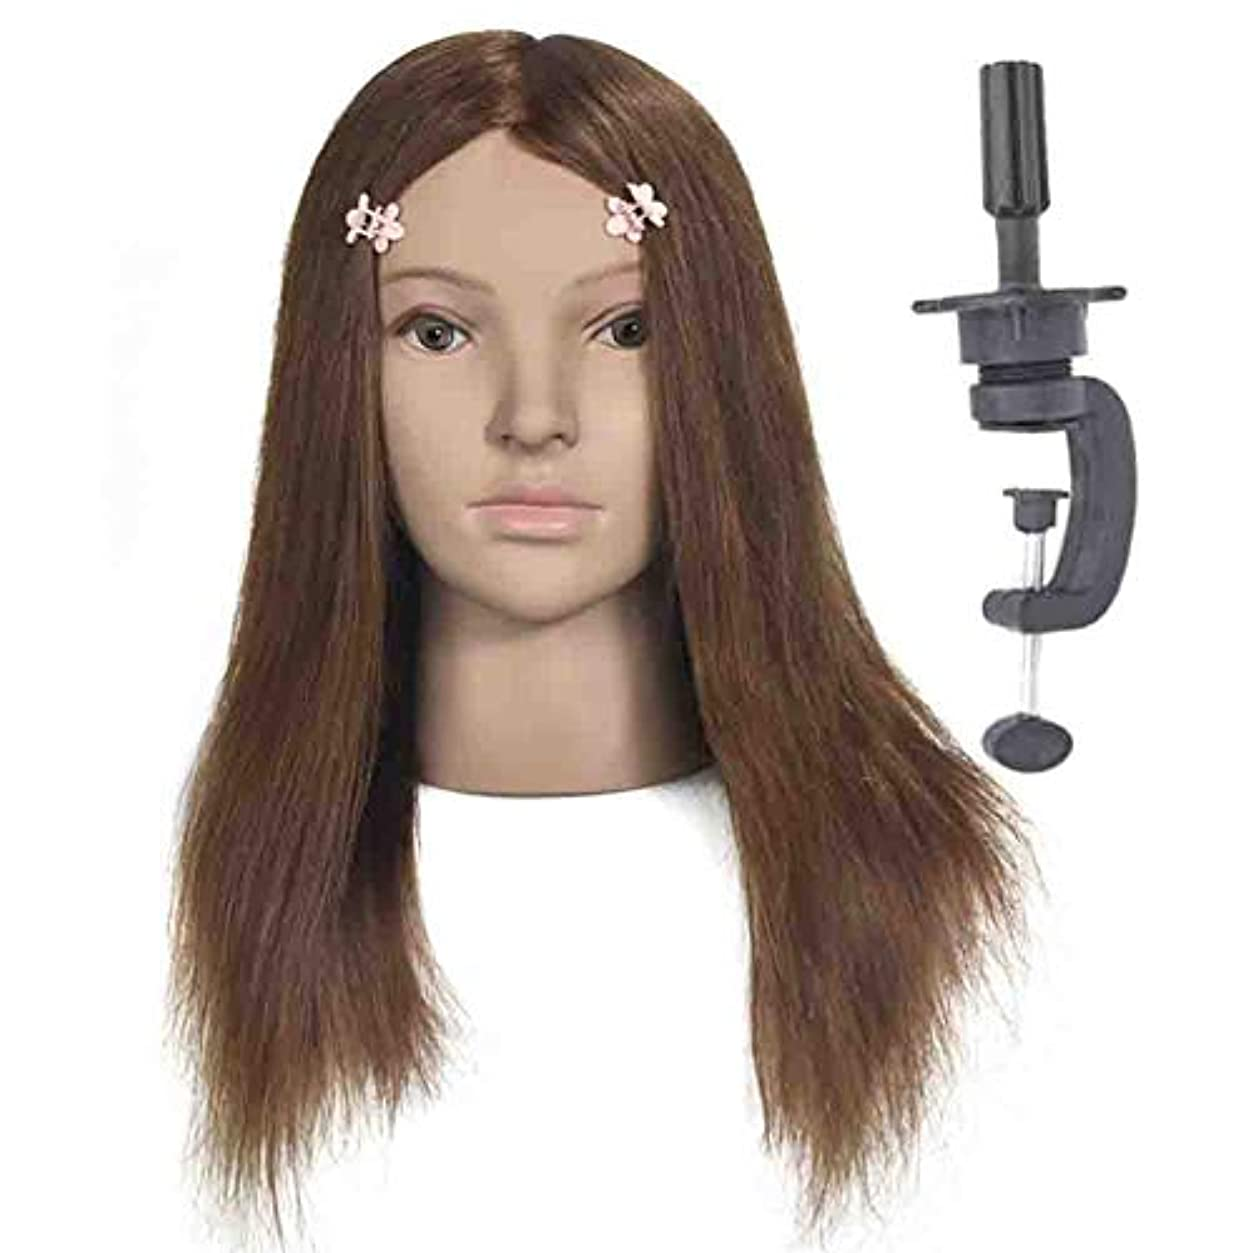 舗装するゴム肌100%本物の髪型モデルヘッド花嫁ヘアエクササイズヘッド金型理髪店学習ダミーヘッドはパーマ毛髪染料することができます